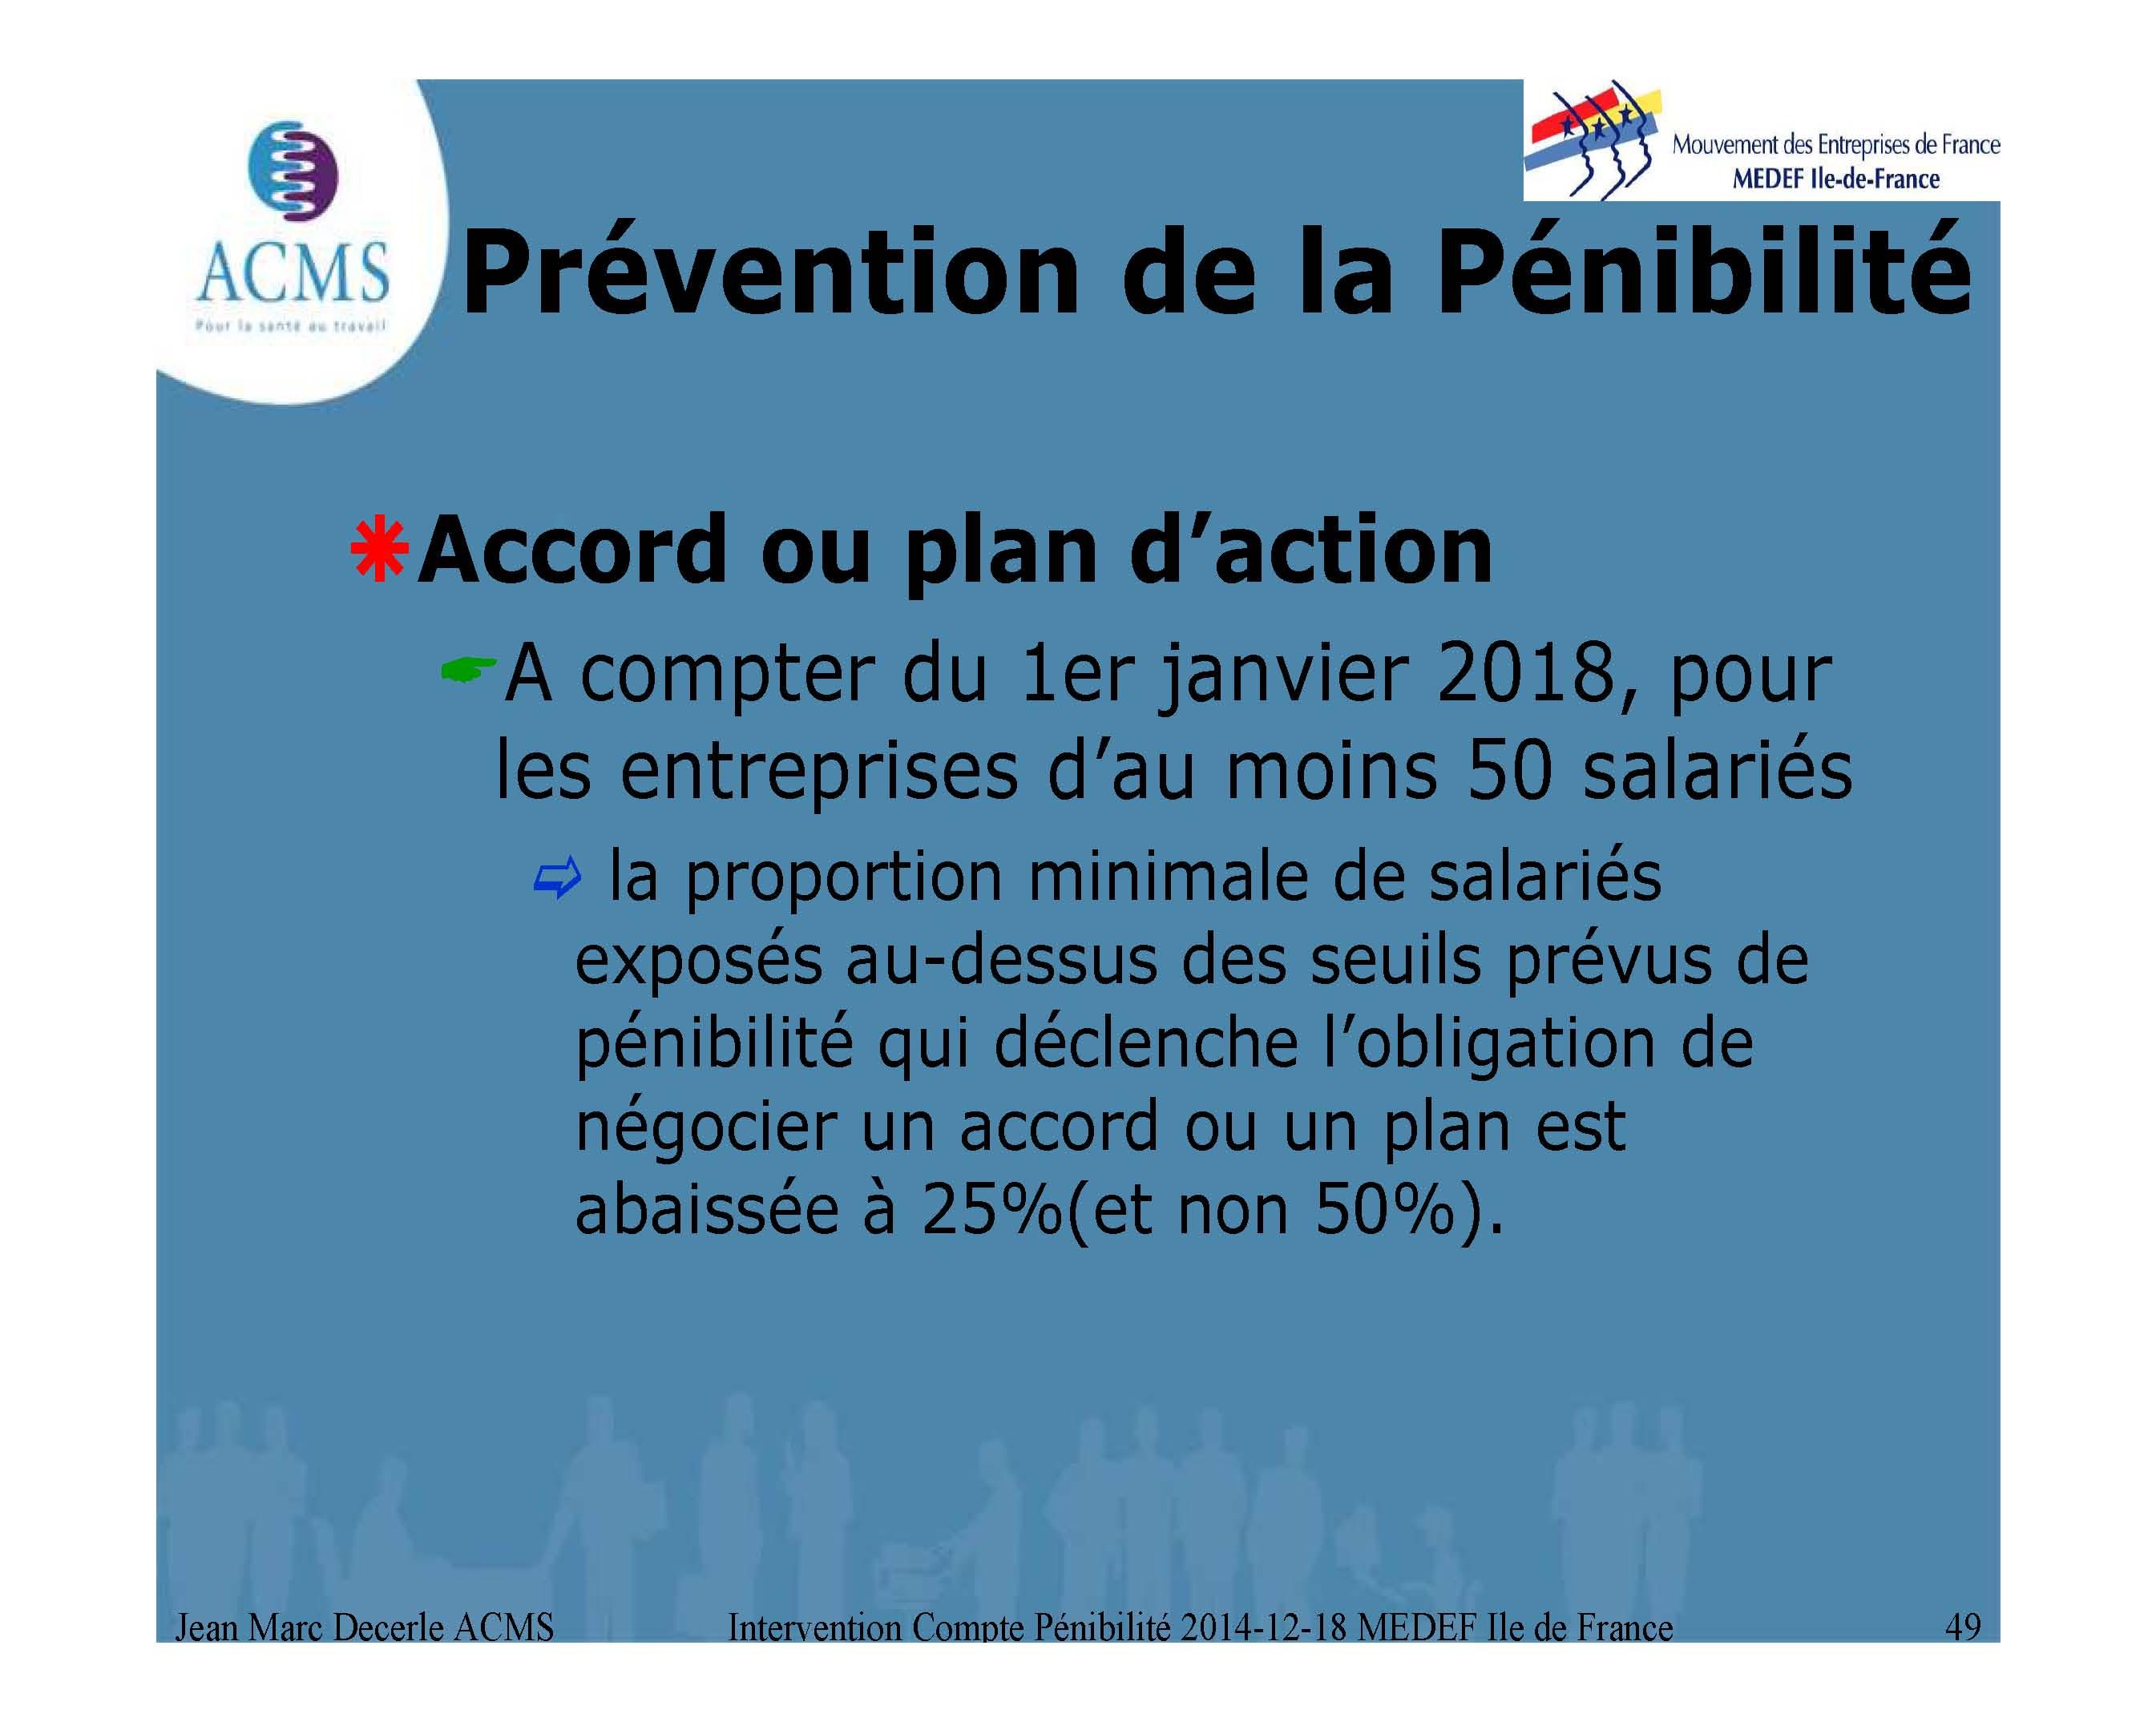 2014-12-18 Compte Pénibilite MEDEF Ile de France_Page_49